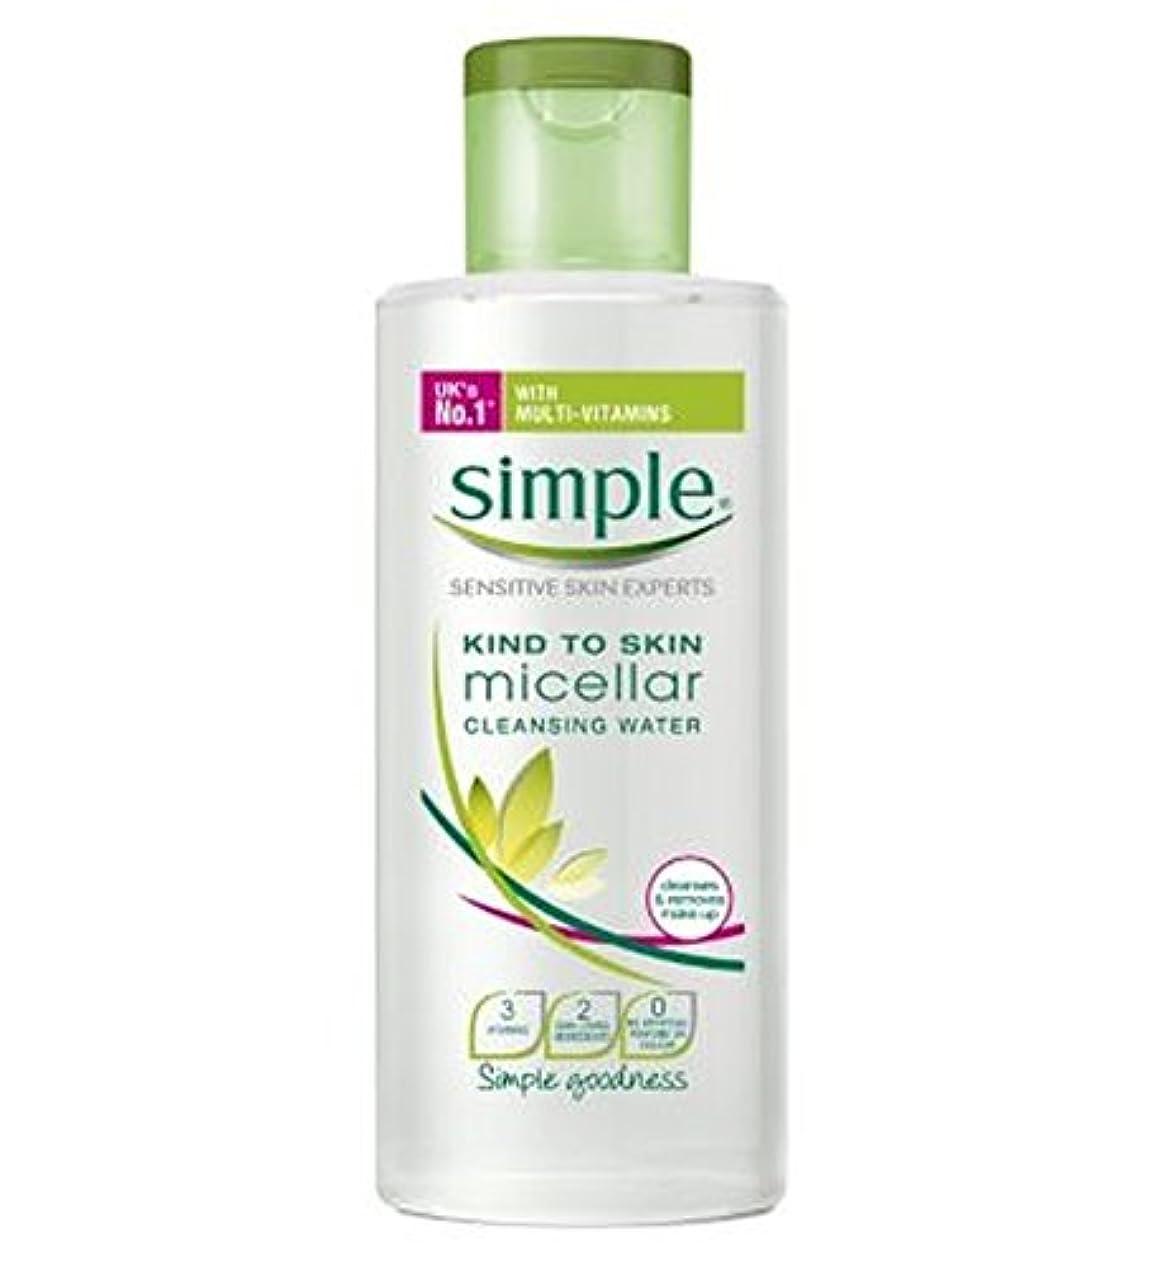 キャメルキラウエア山段階皮膚ミセル洗浄水200ミリリットルに簡単な種類 (Simple) (x2) - Simple Kind To Skin Micellar Cleansing Water 200ml (Pack of 2) [並行輸入品]